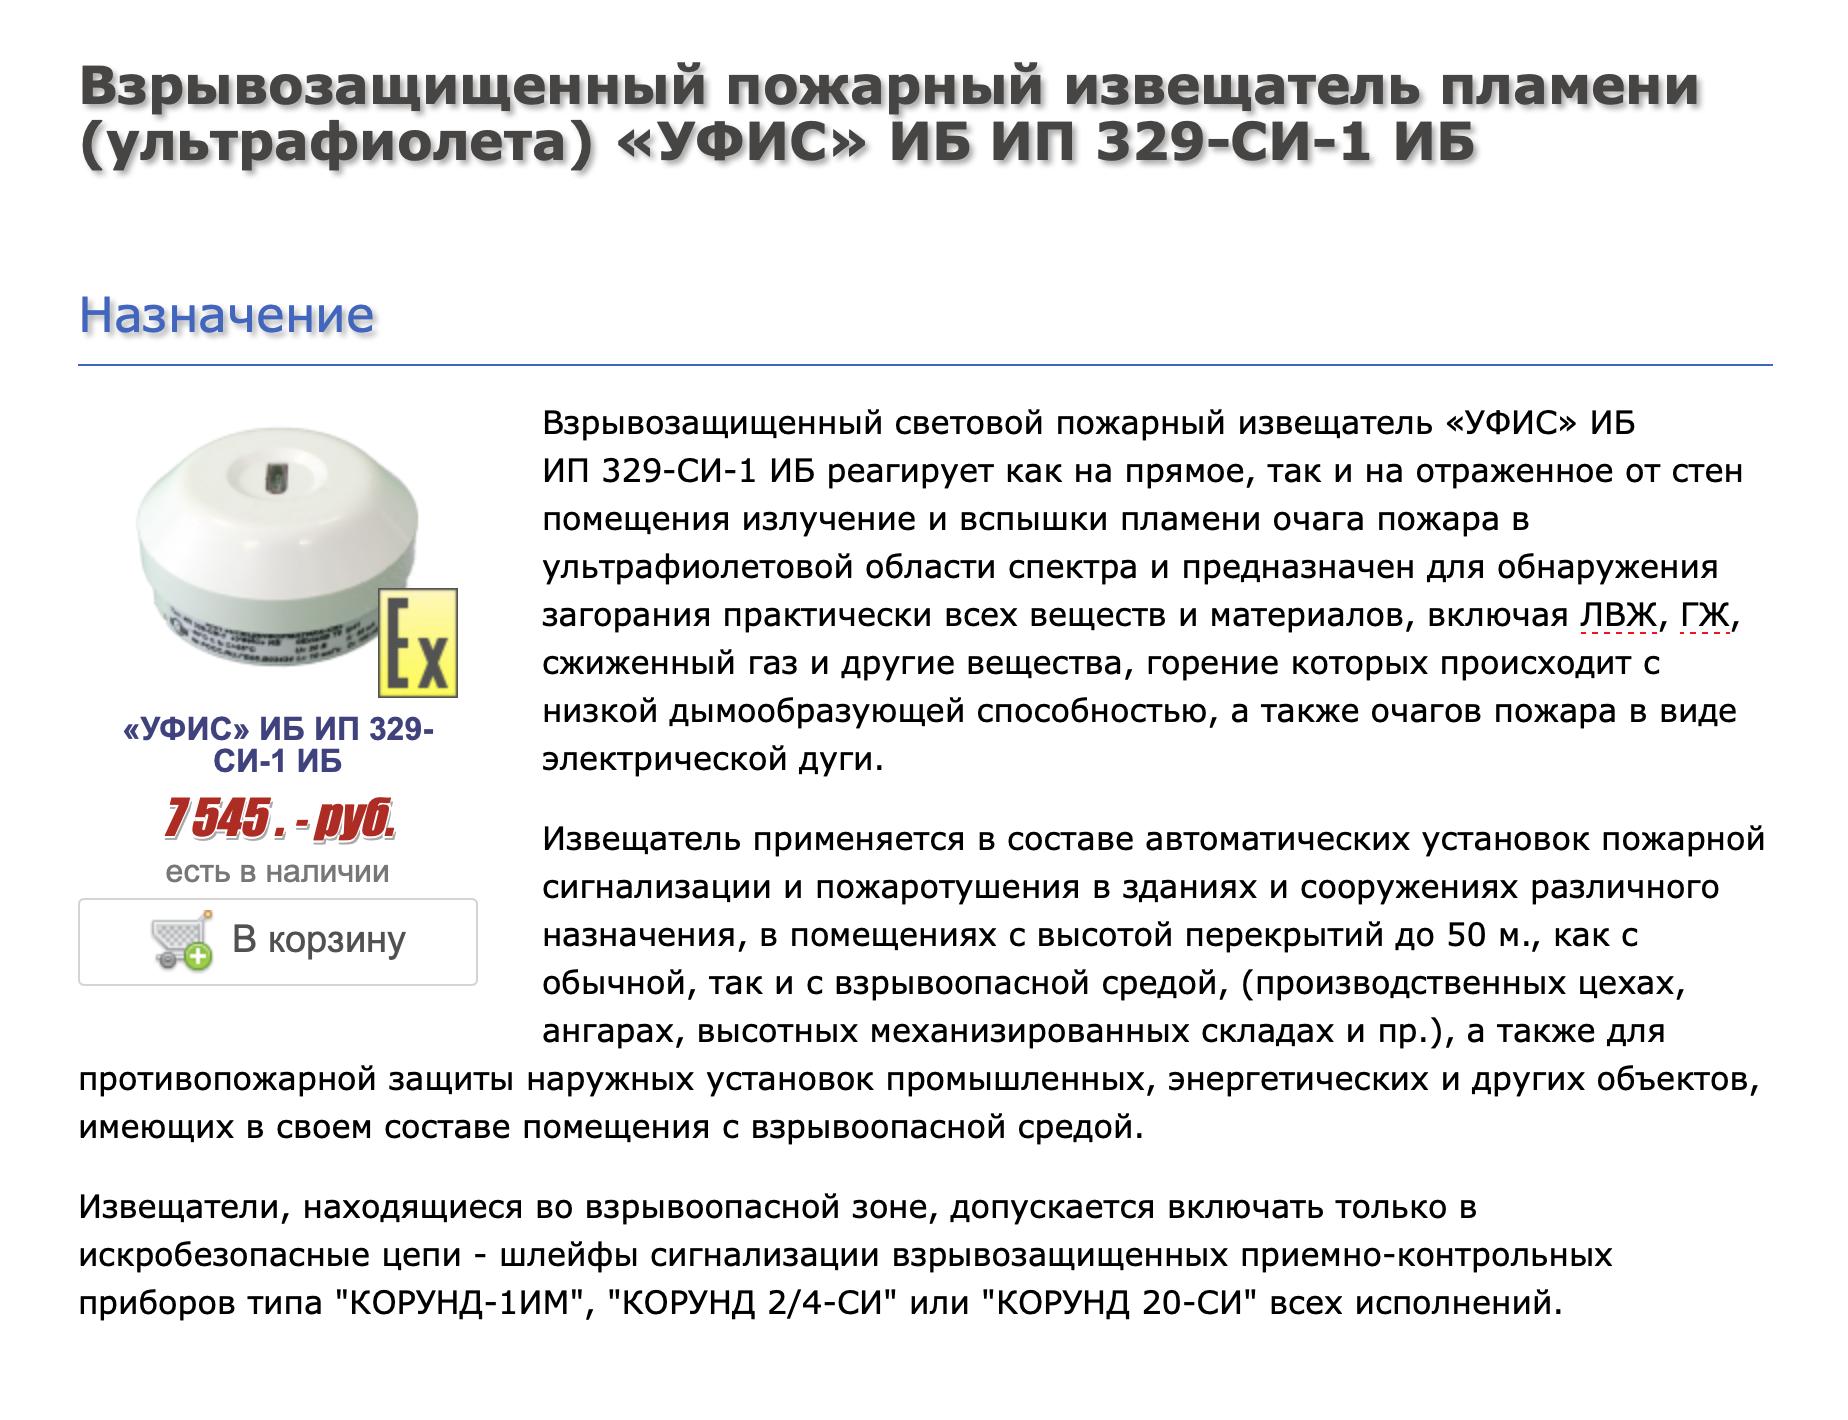 Стоимость извещателя пламени на сайте НПП «Специнформатика-СИ». Такие извещатели больше подходят длявзрывоопасных зон